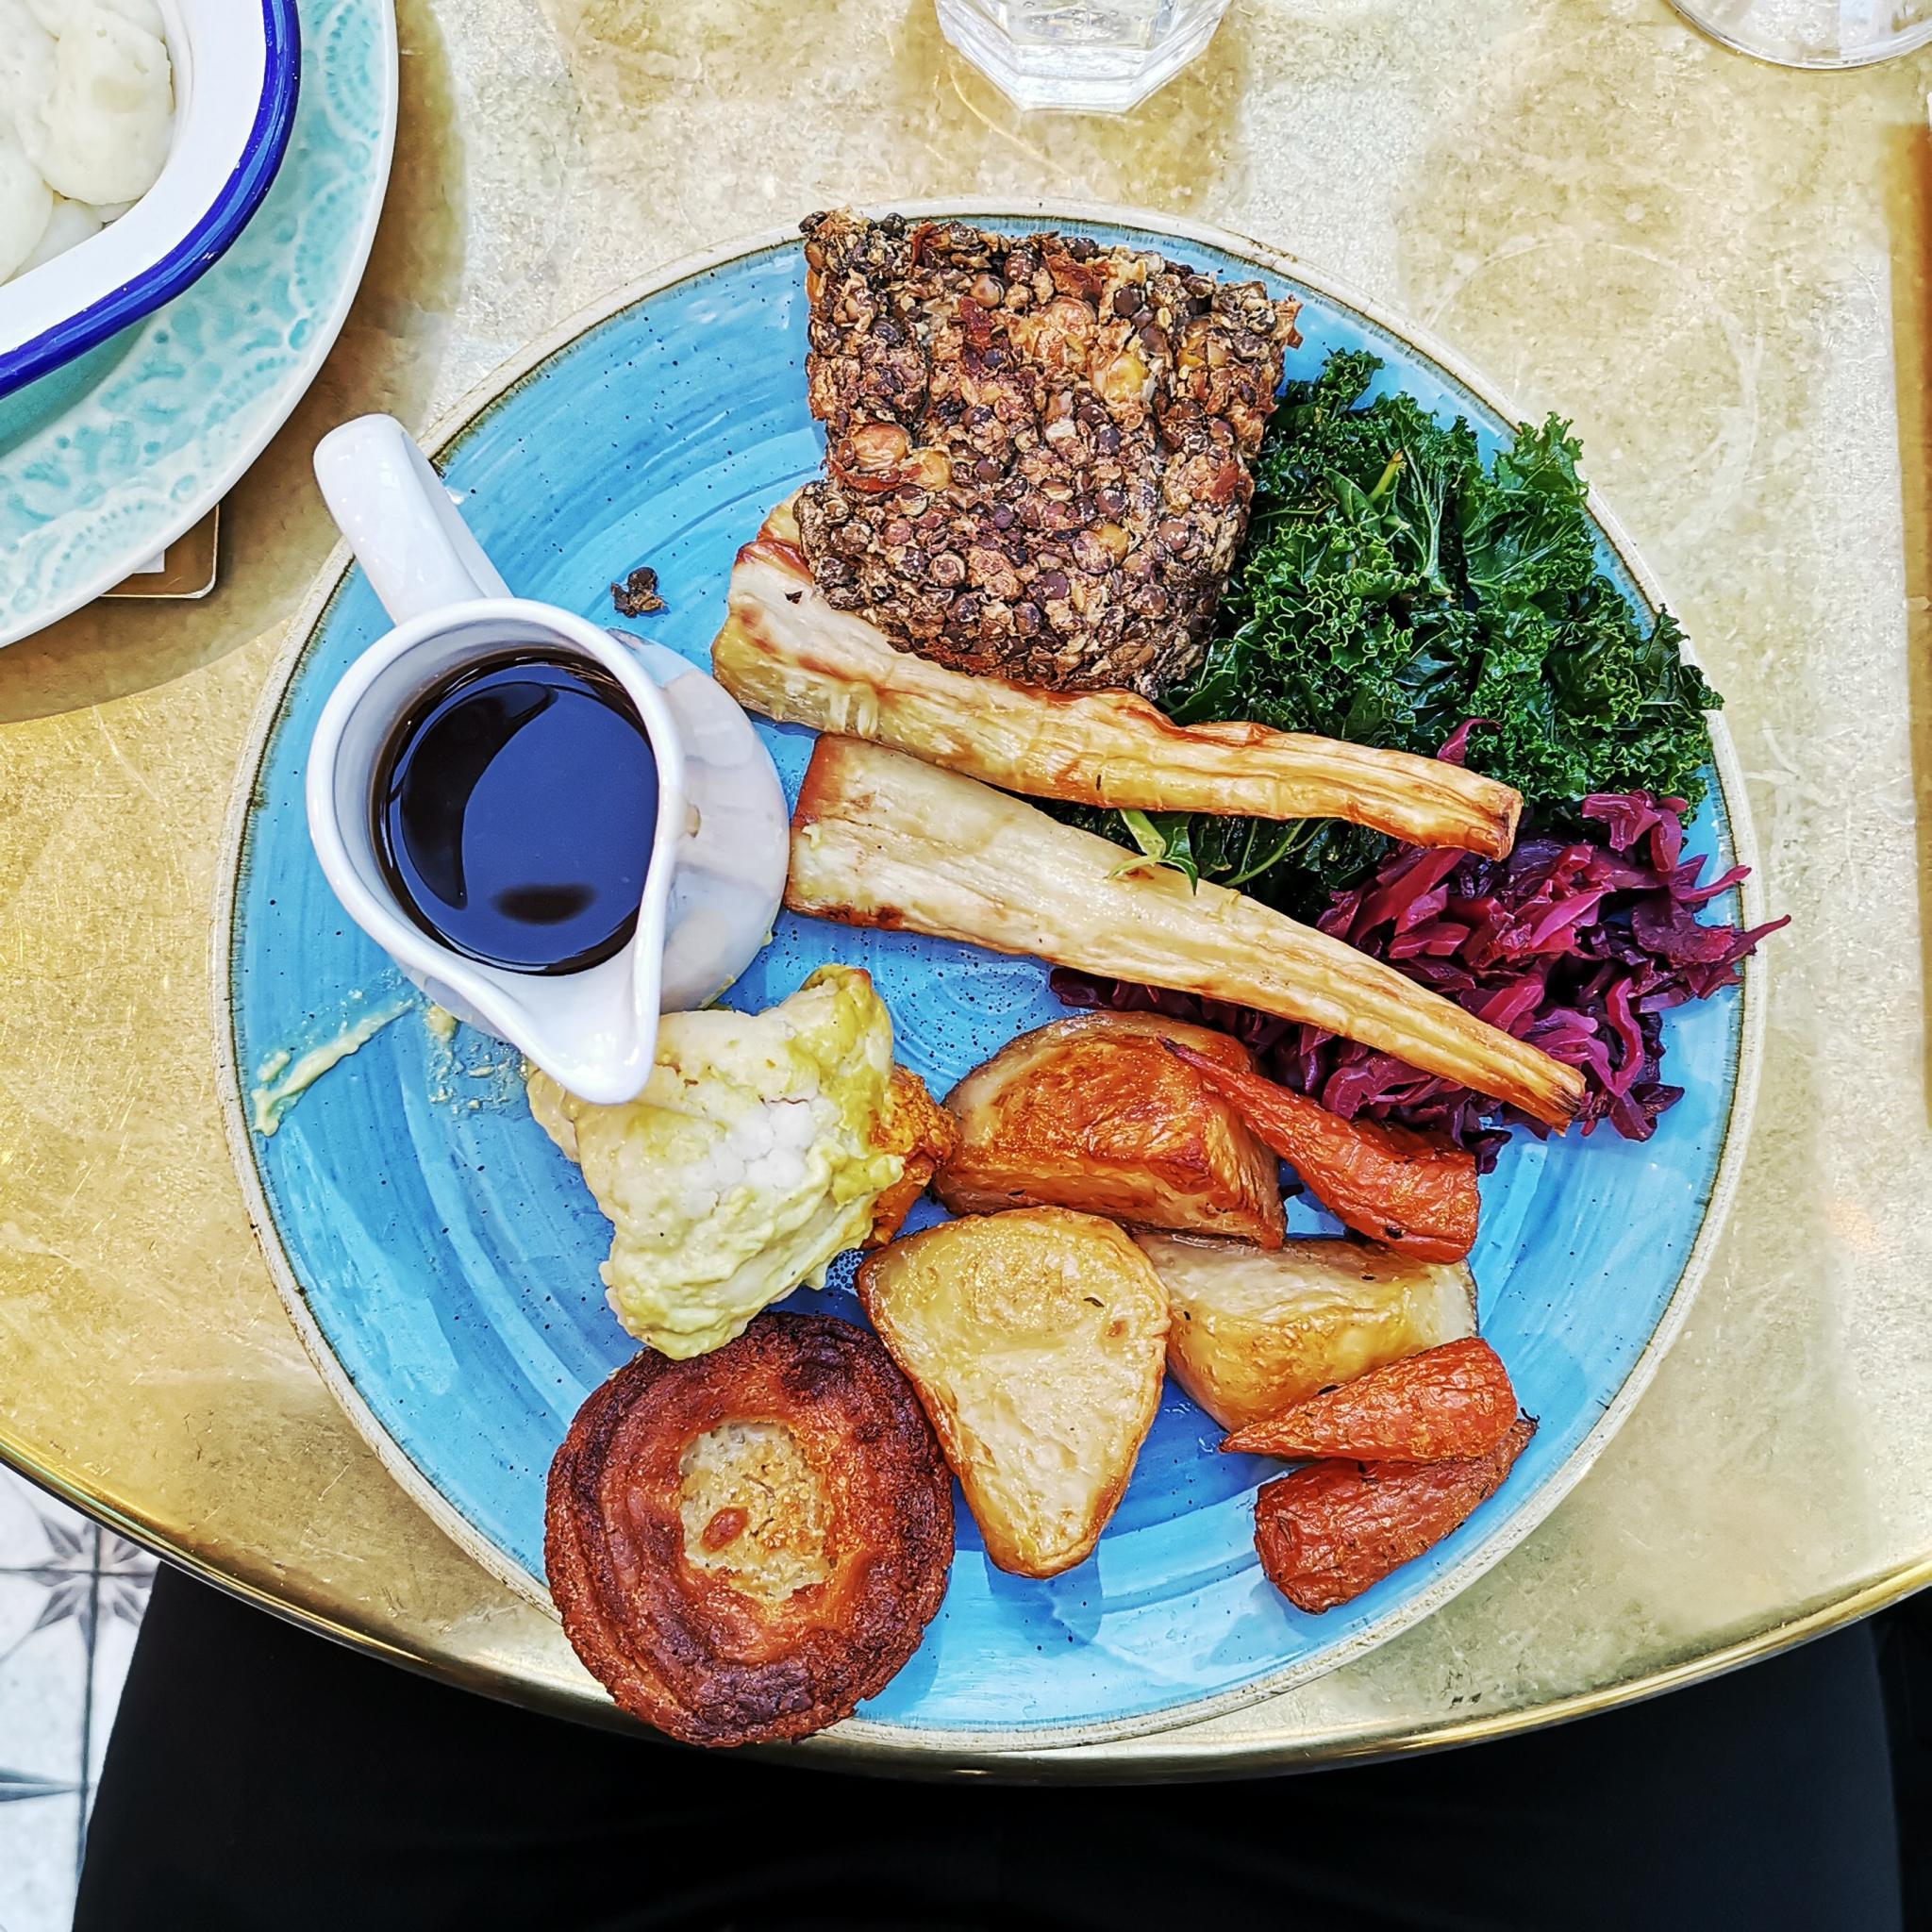 Vegan Sunday Roast in London